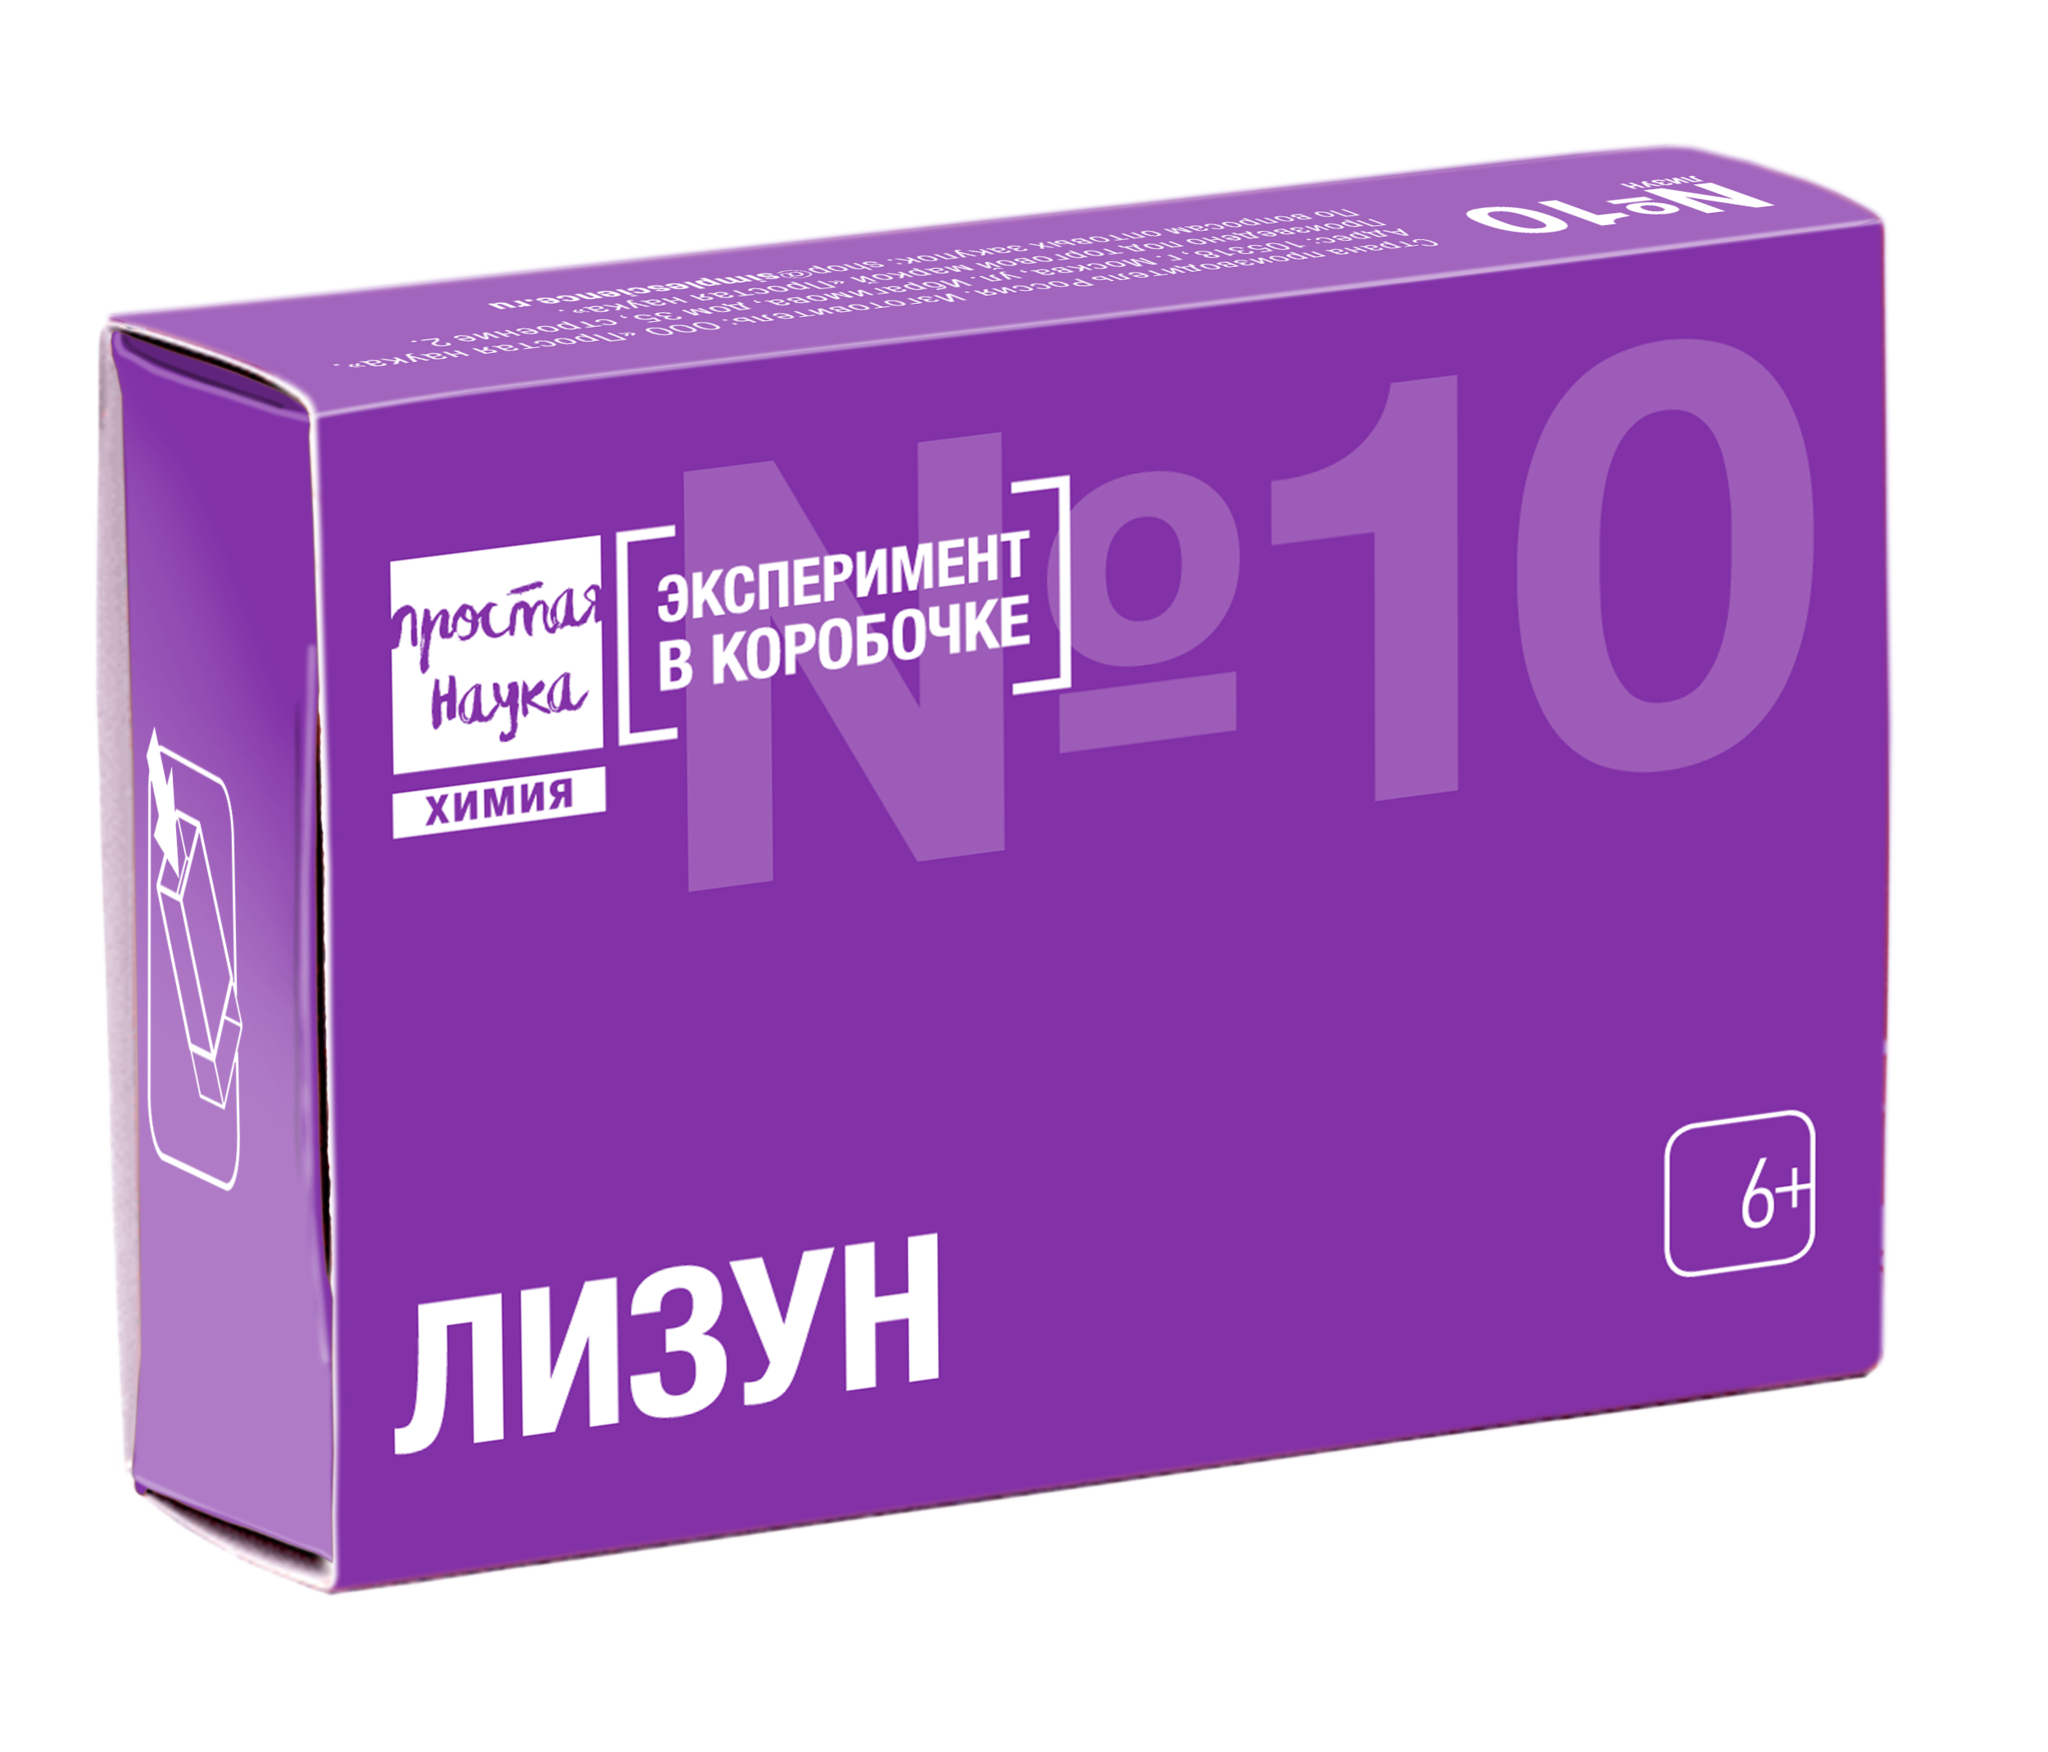 Лизун - эксперимент в коробочке №10 - Простая Наука